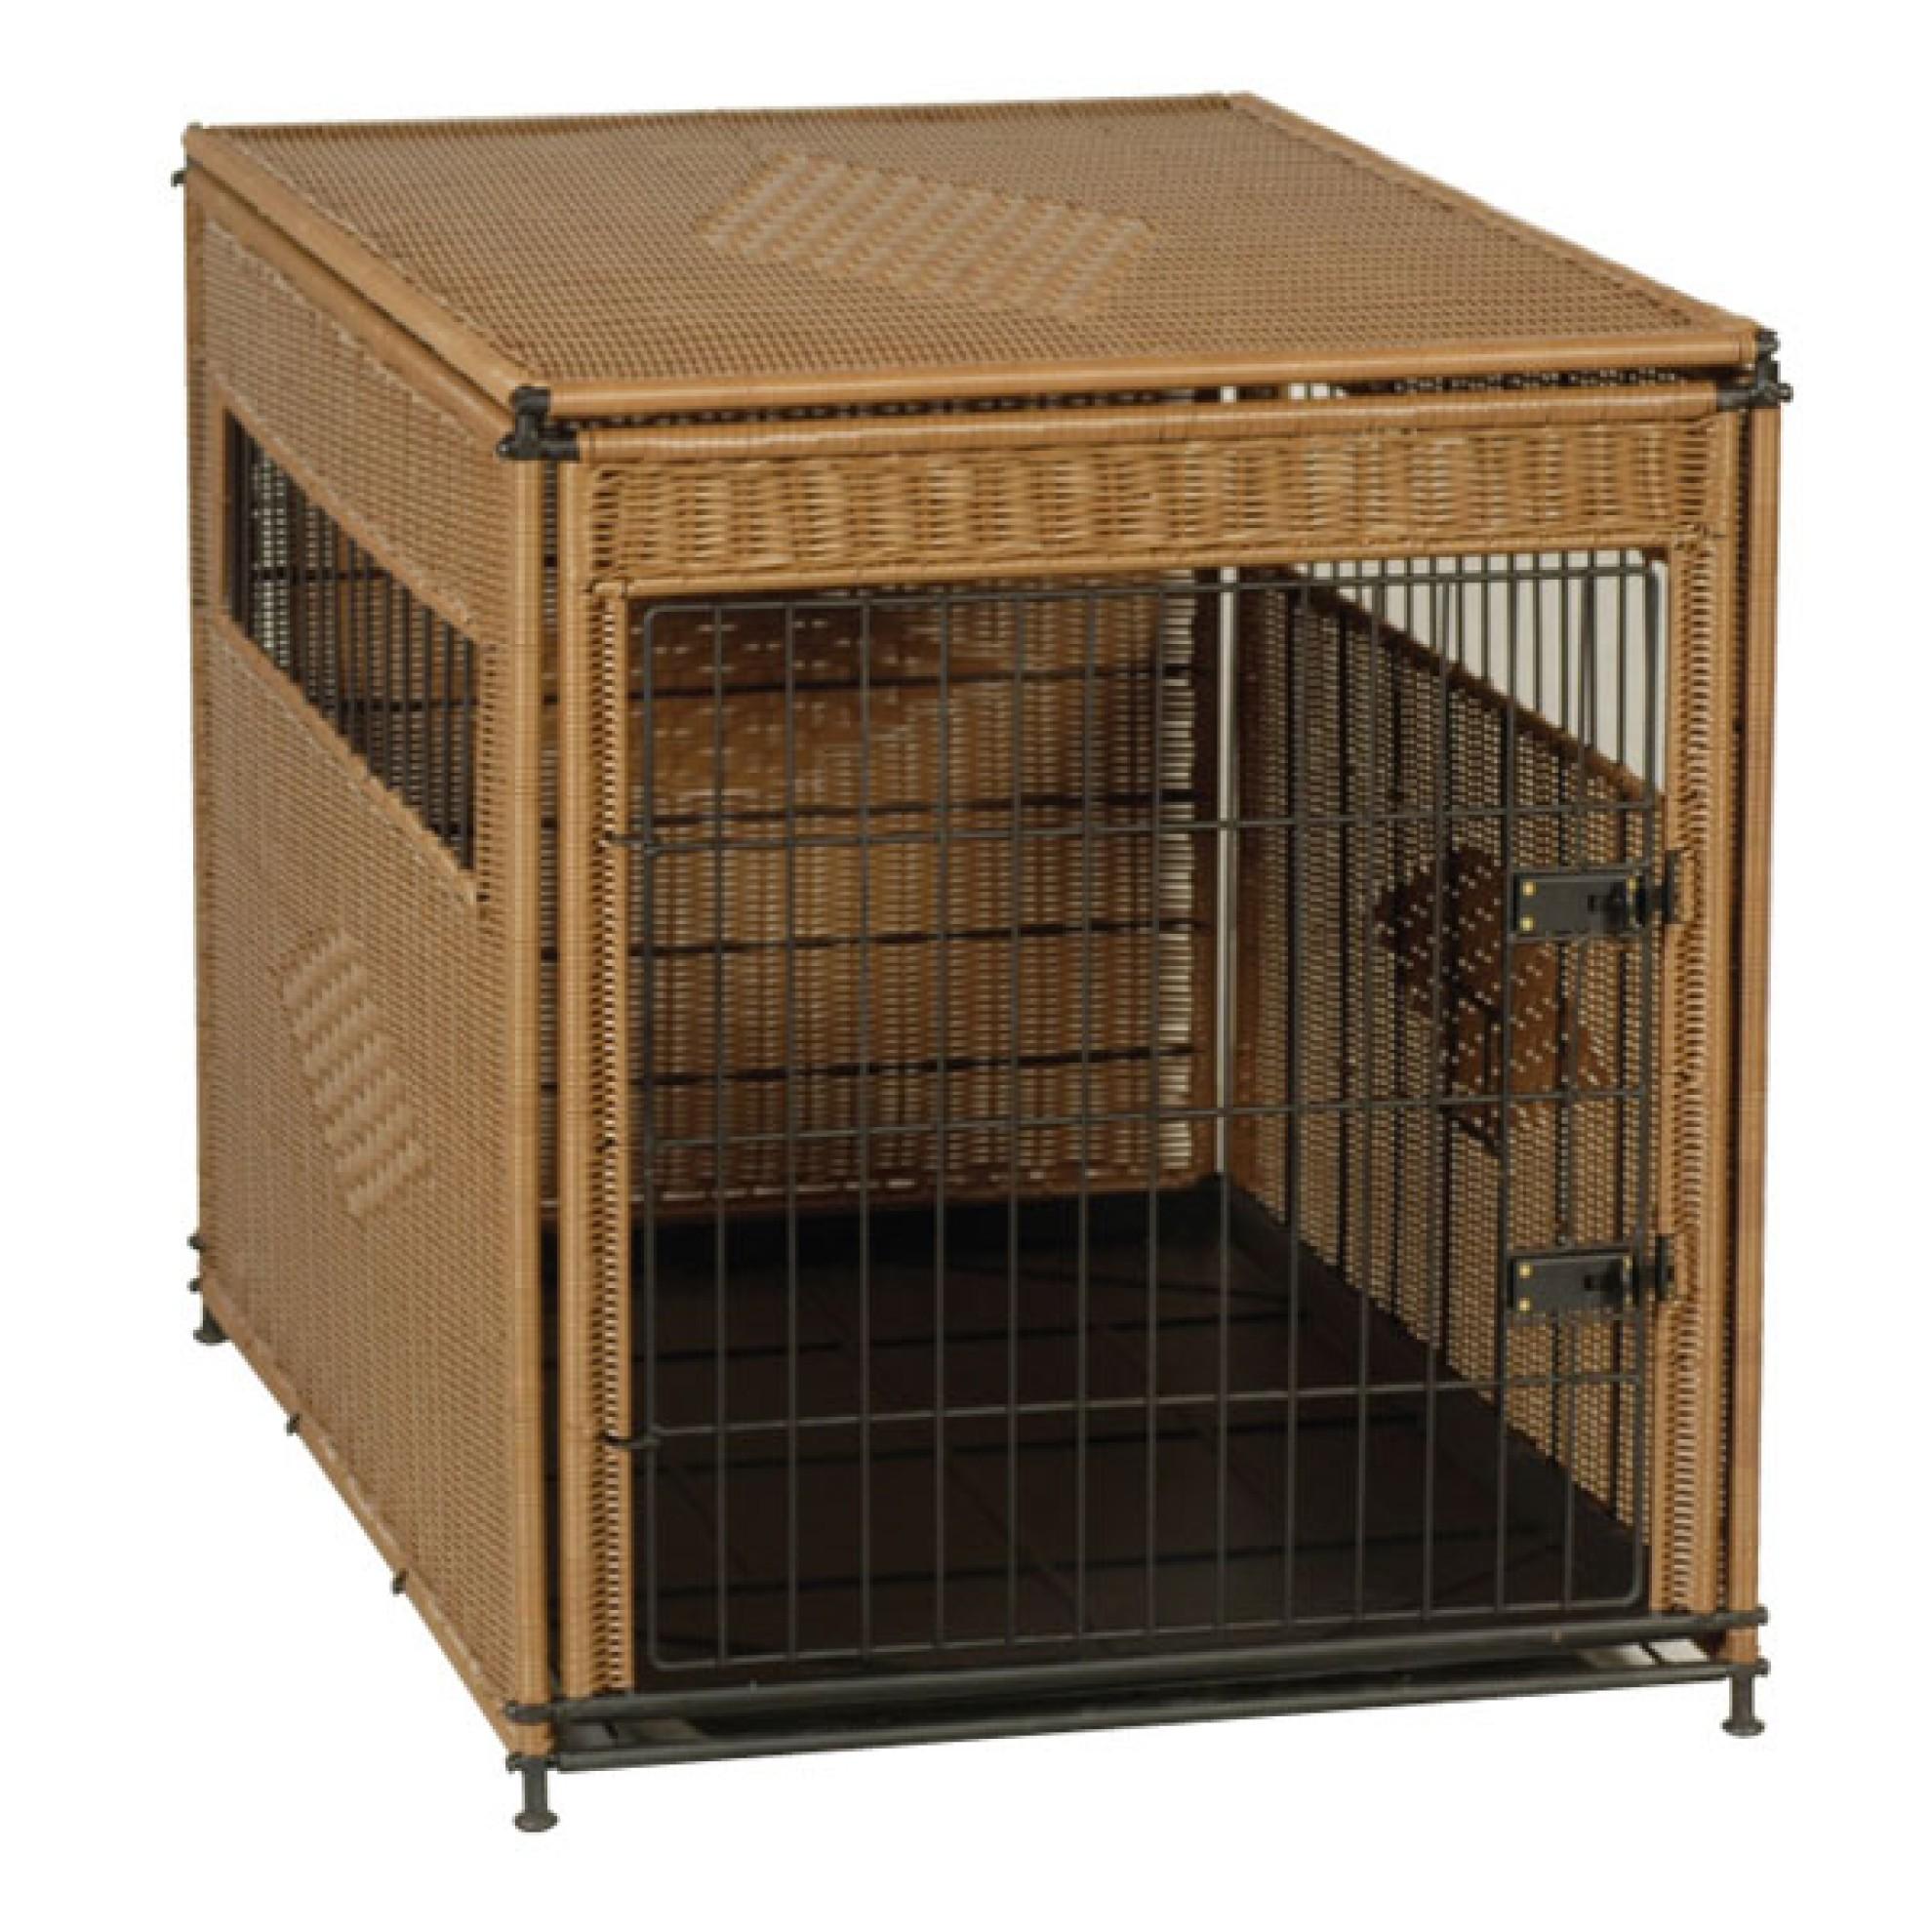 relaxdays hundebox sitzhocker hbt 38 x 38 x 38 cm stabiler sitzcube mit praktischer tierh hle. Black Bedroom Furniture Sets. Home Design Ideas